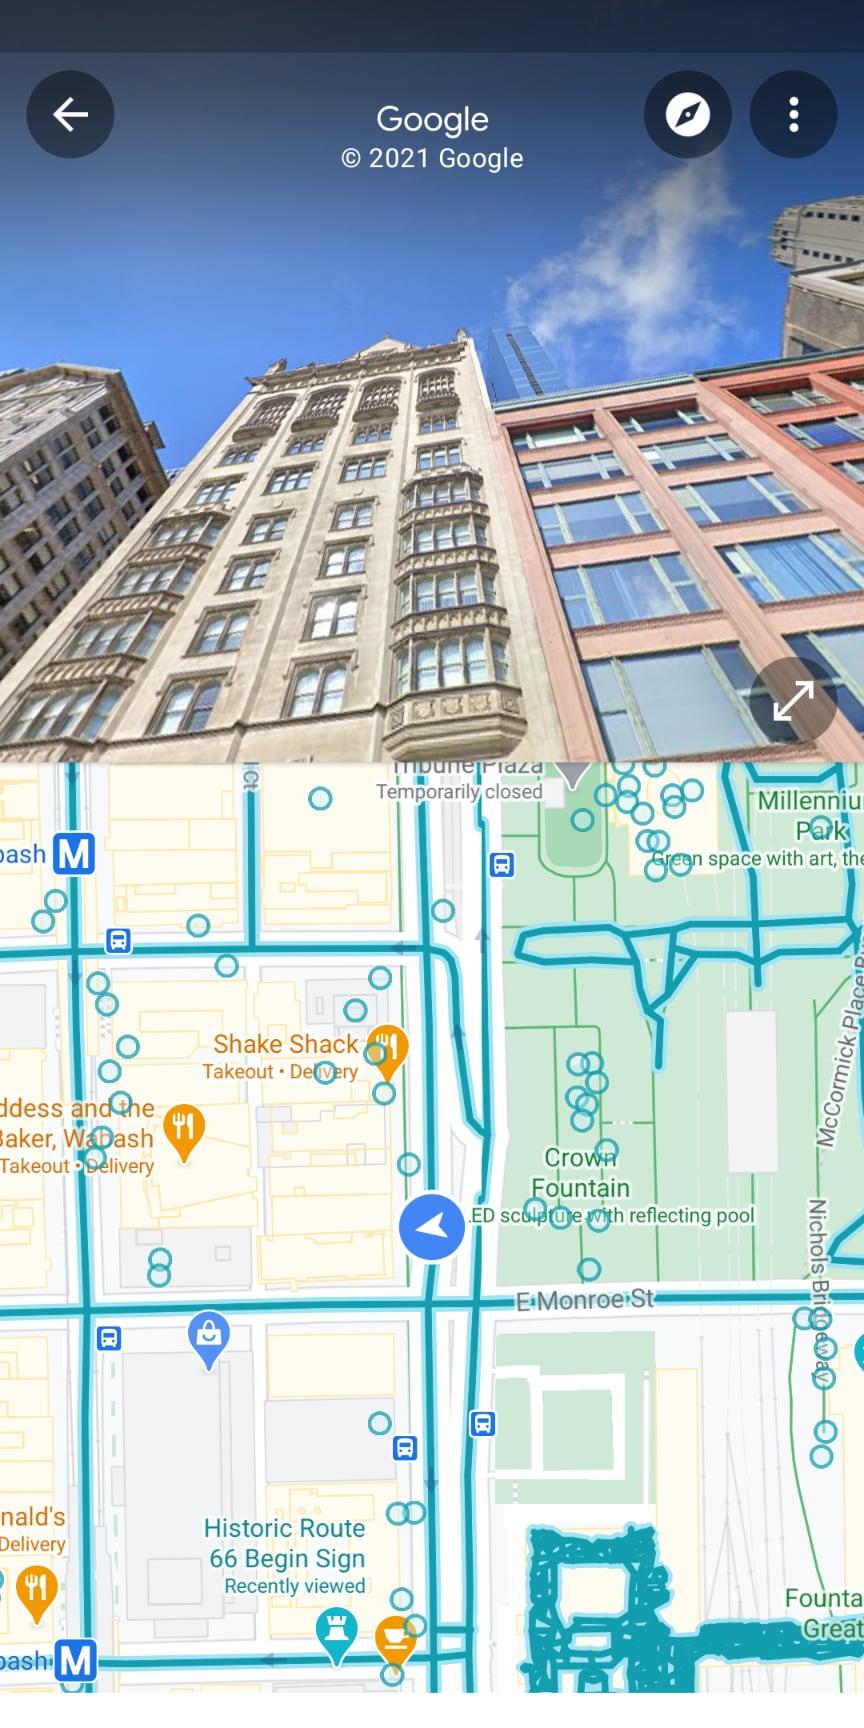 Google Maps split-screen view.